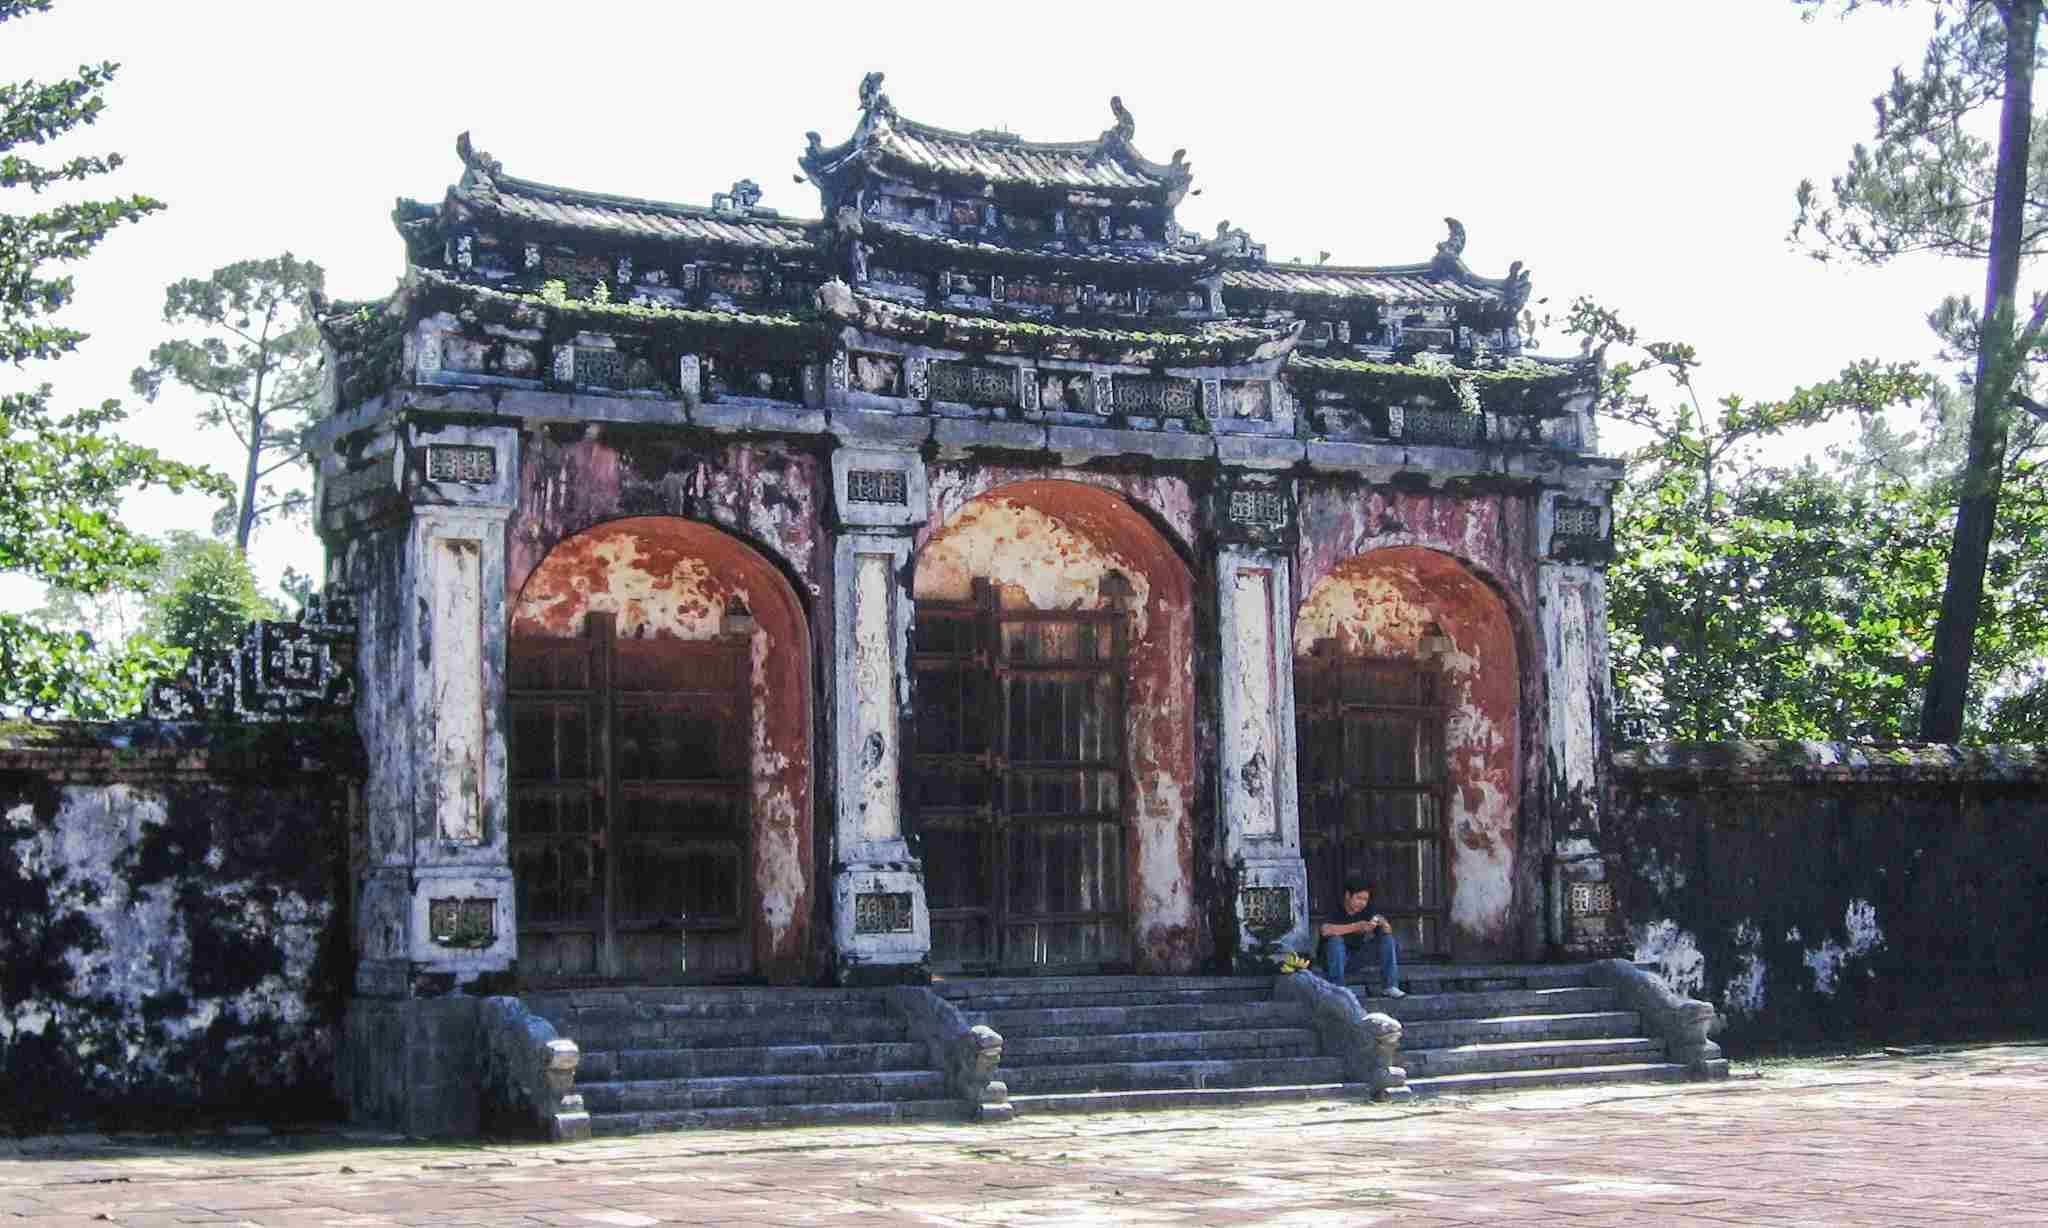 Dai Hong Mon Gate at the Minh Mang Royal Tombs